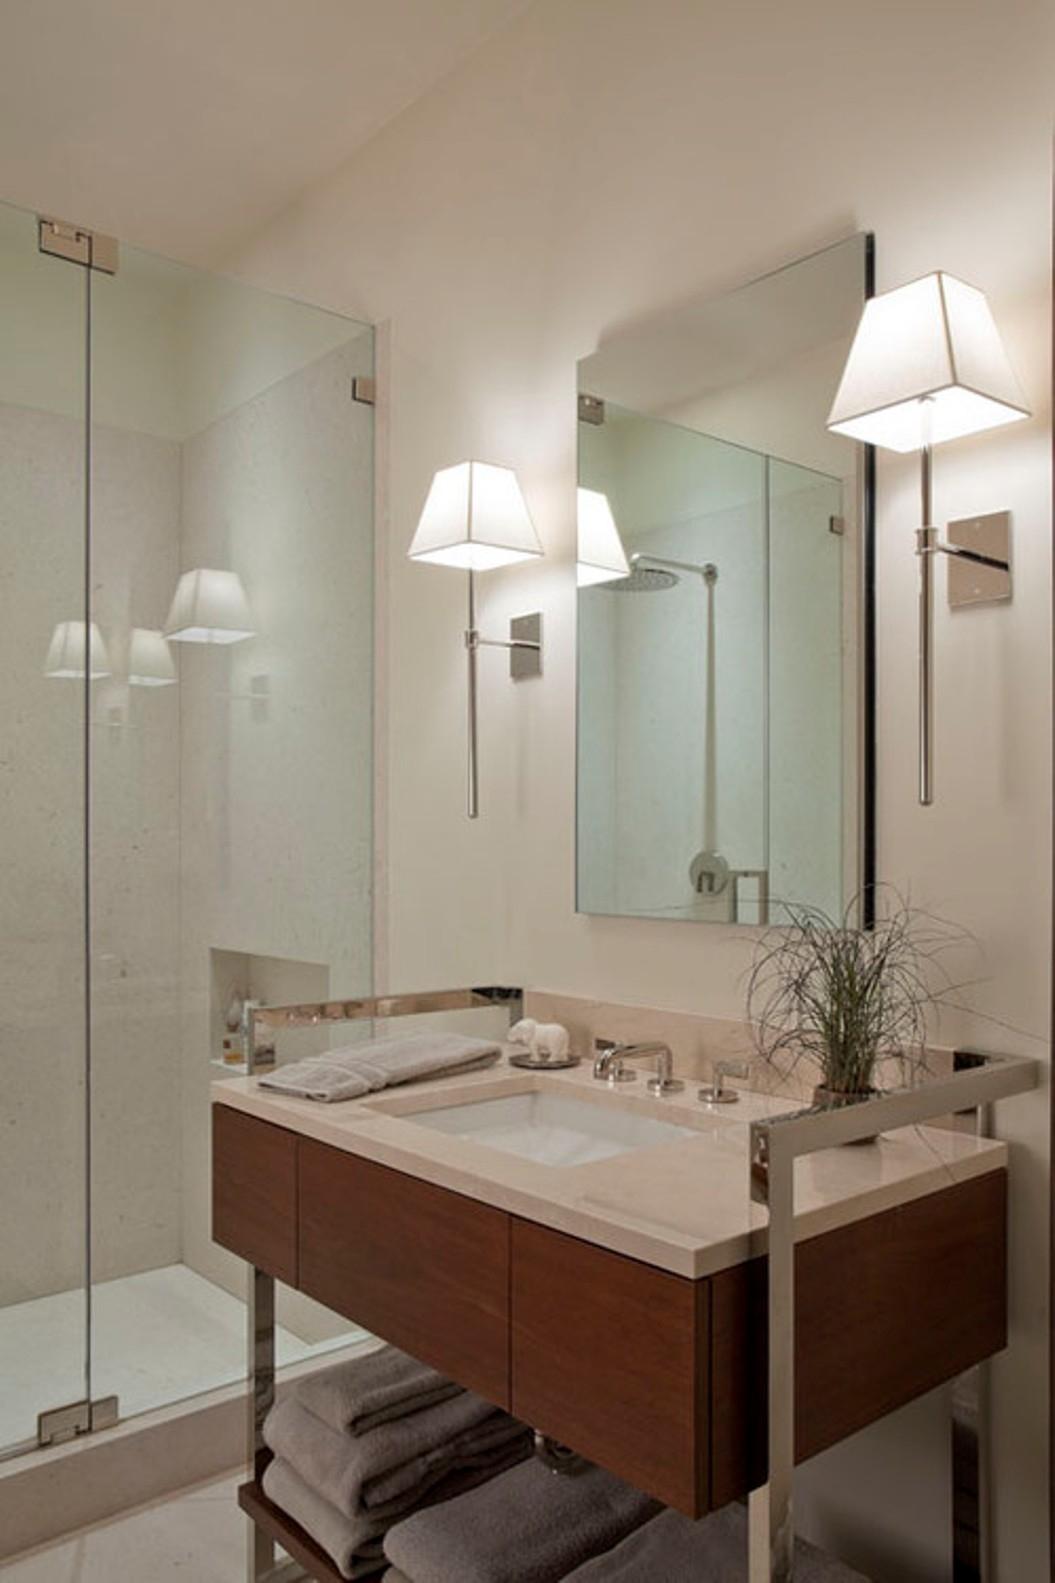 Oval Mirror Bathroom Sconces